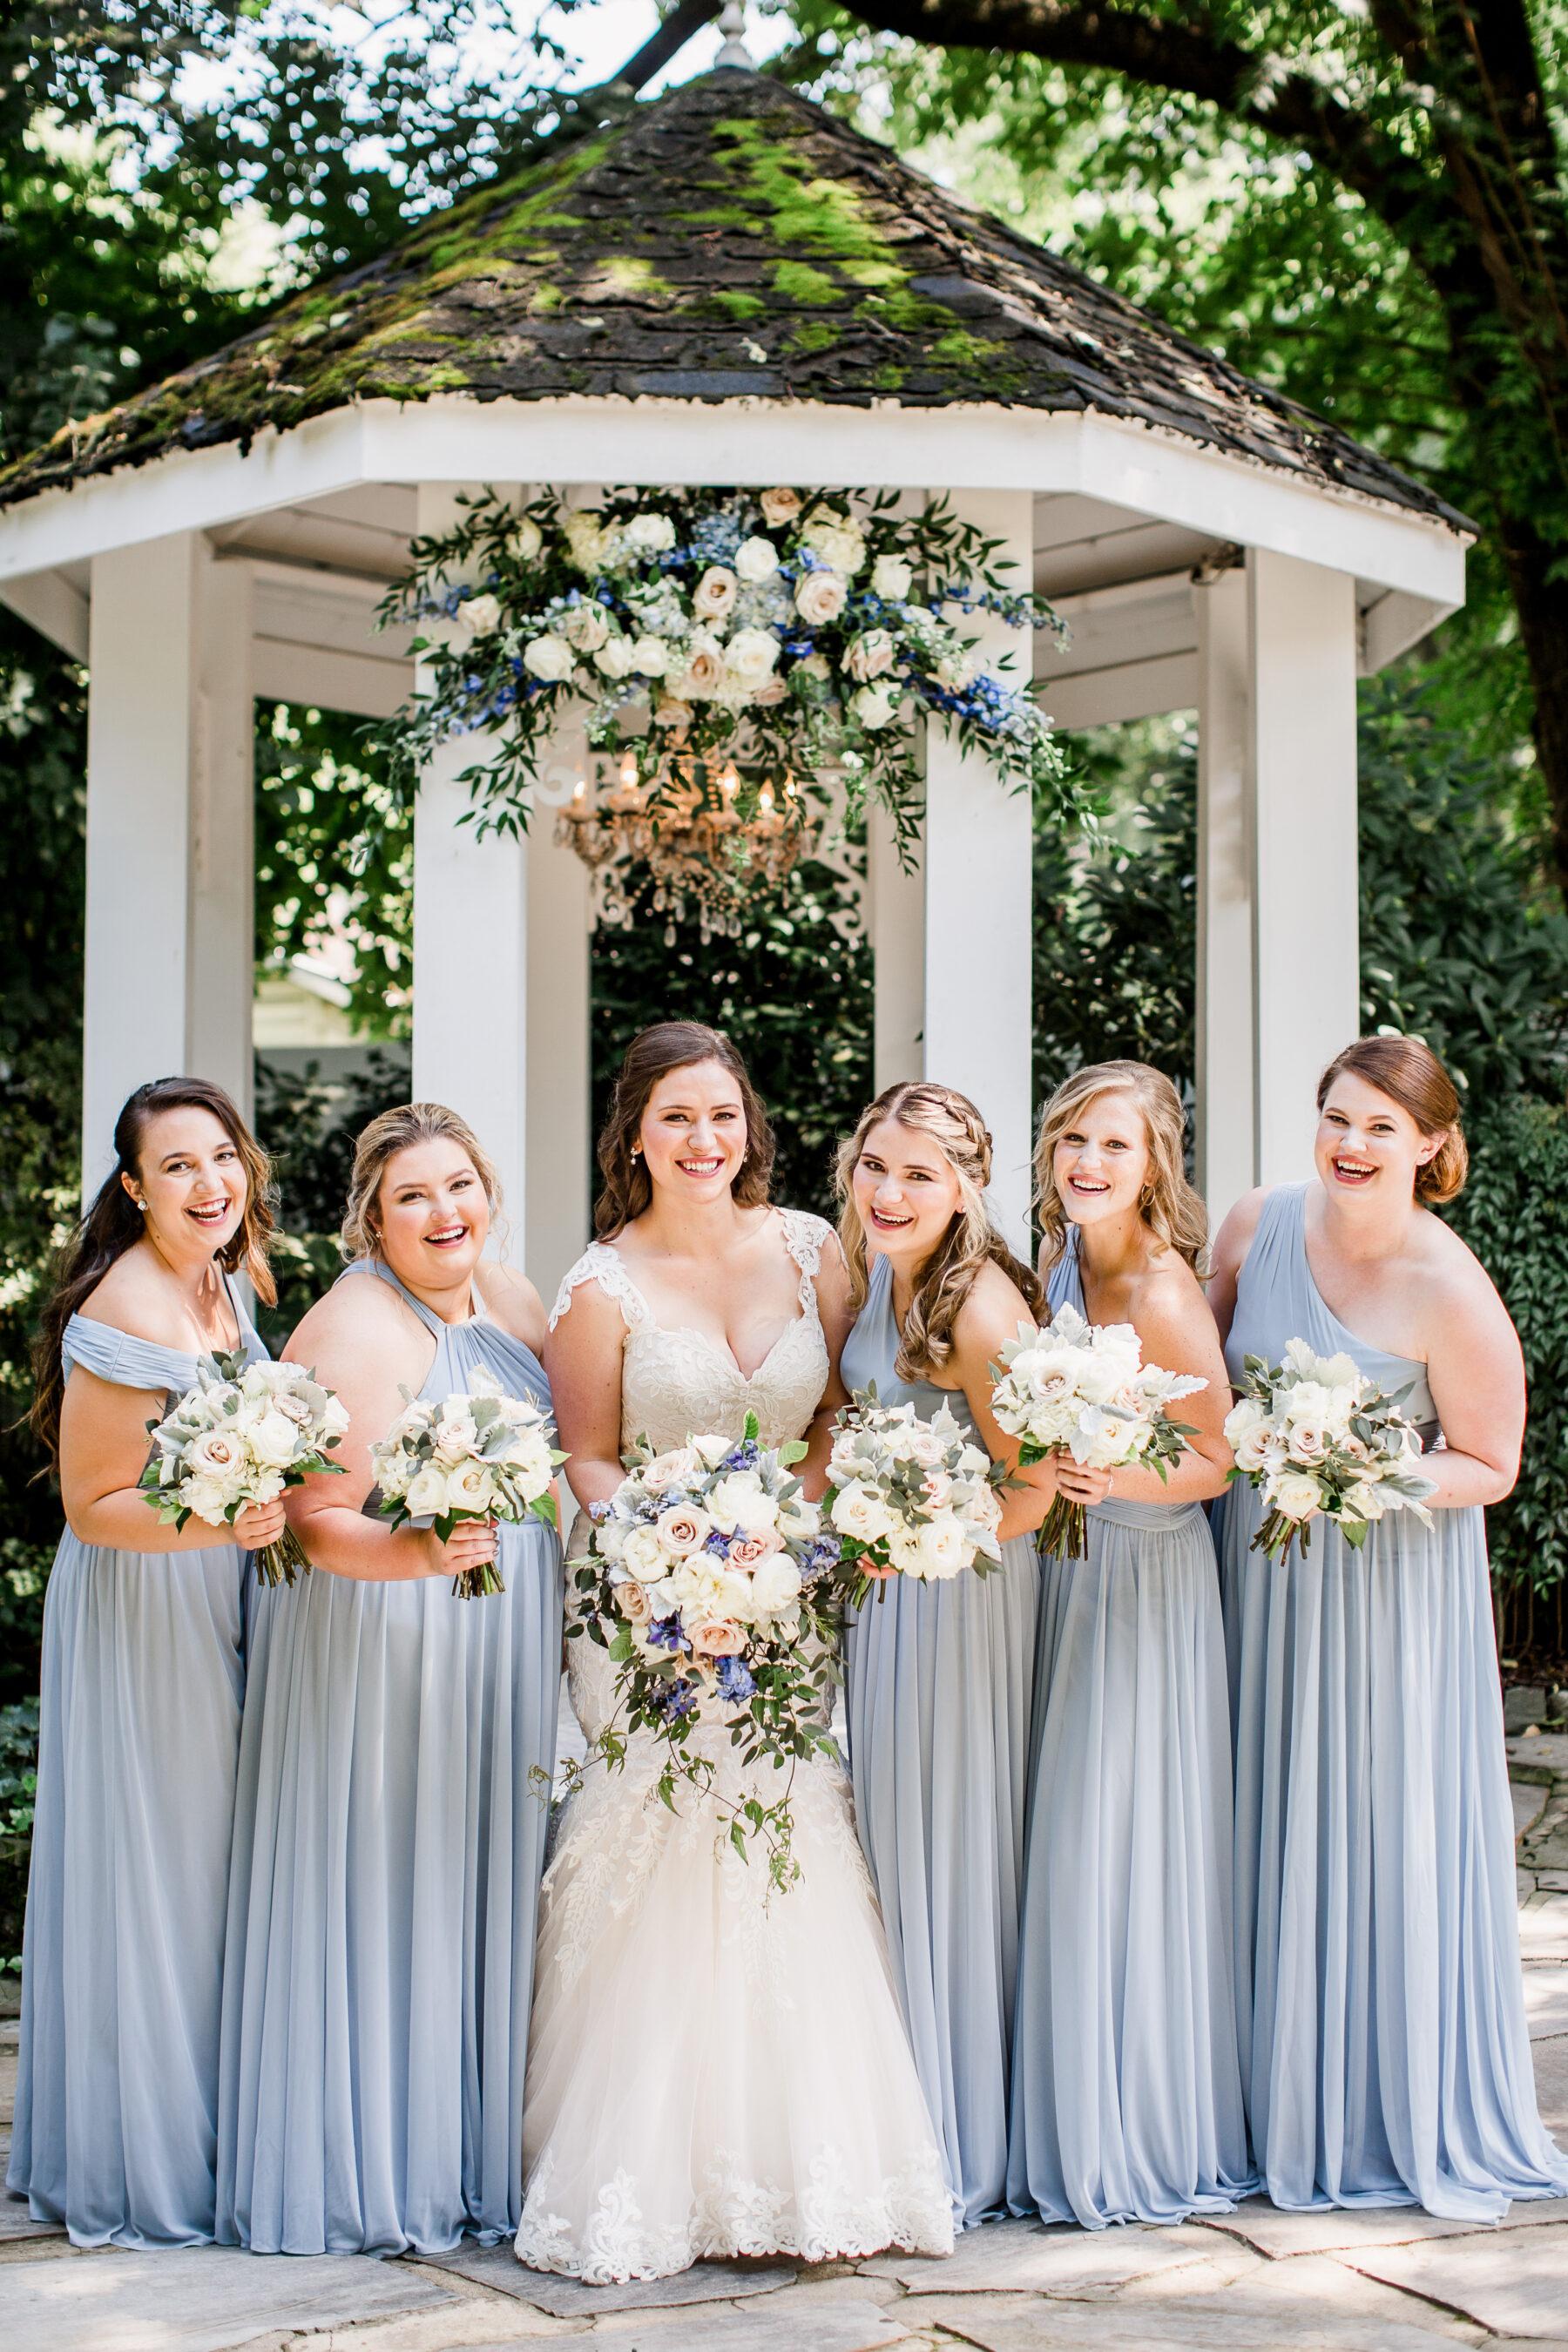 Dusty Blue Bridesmaids Dresses   Nashville Bride Guide